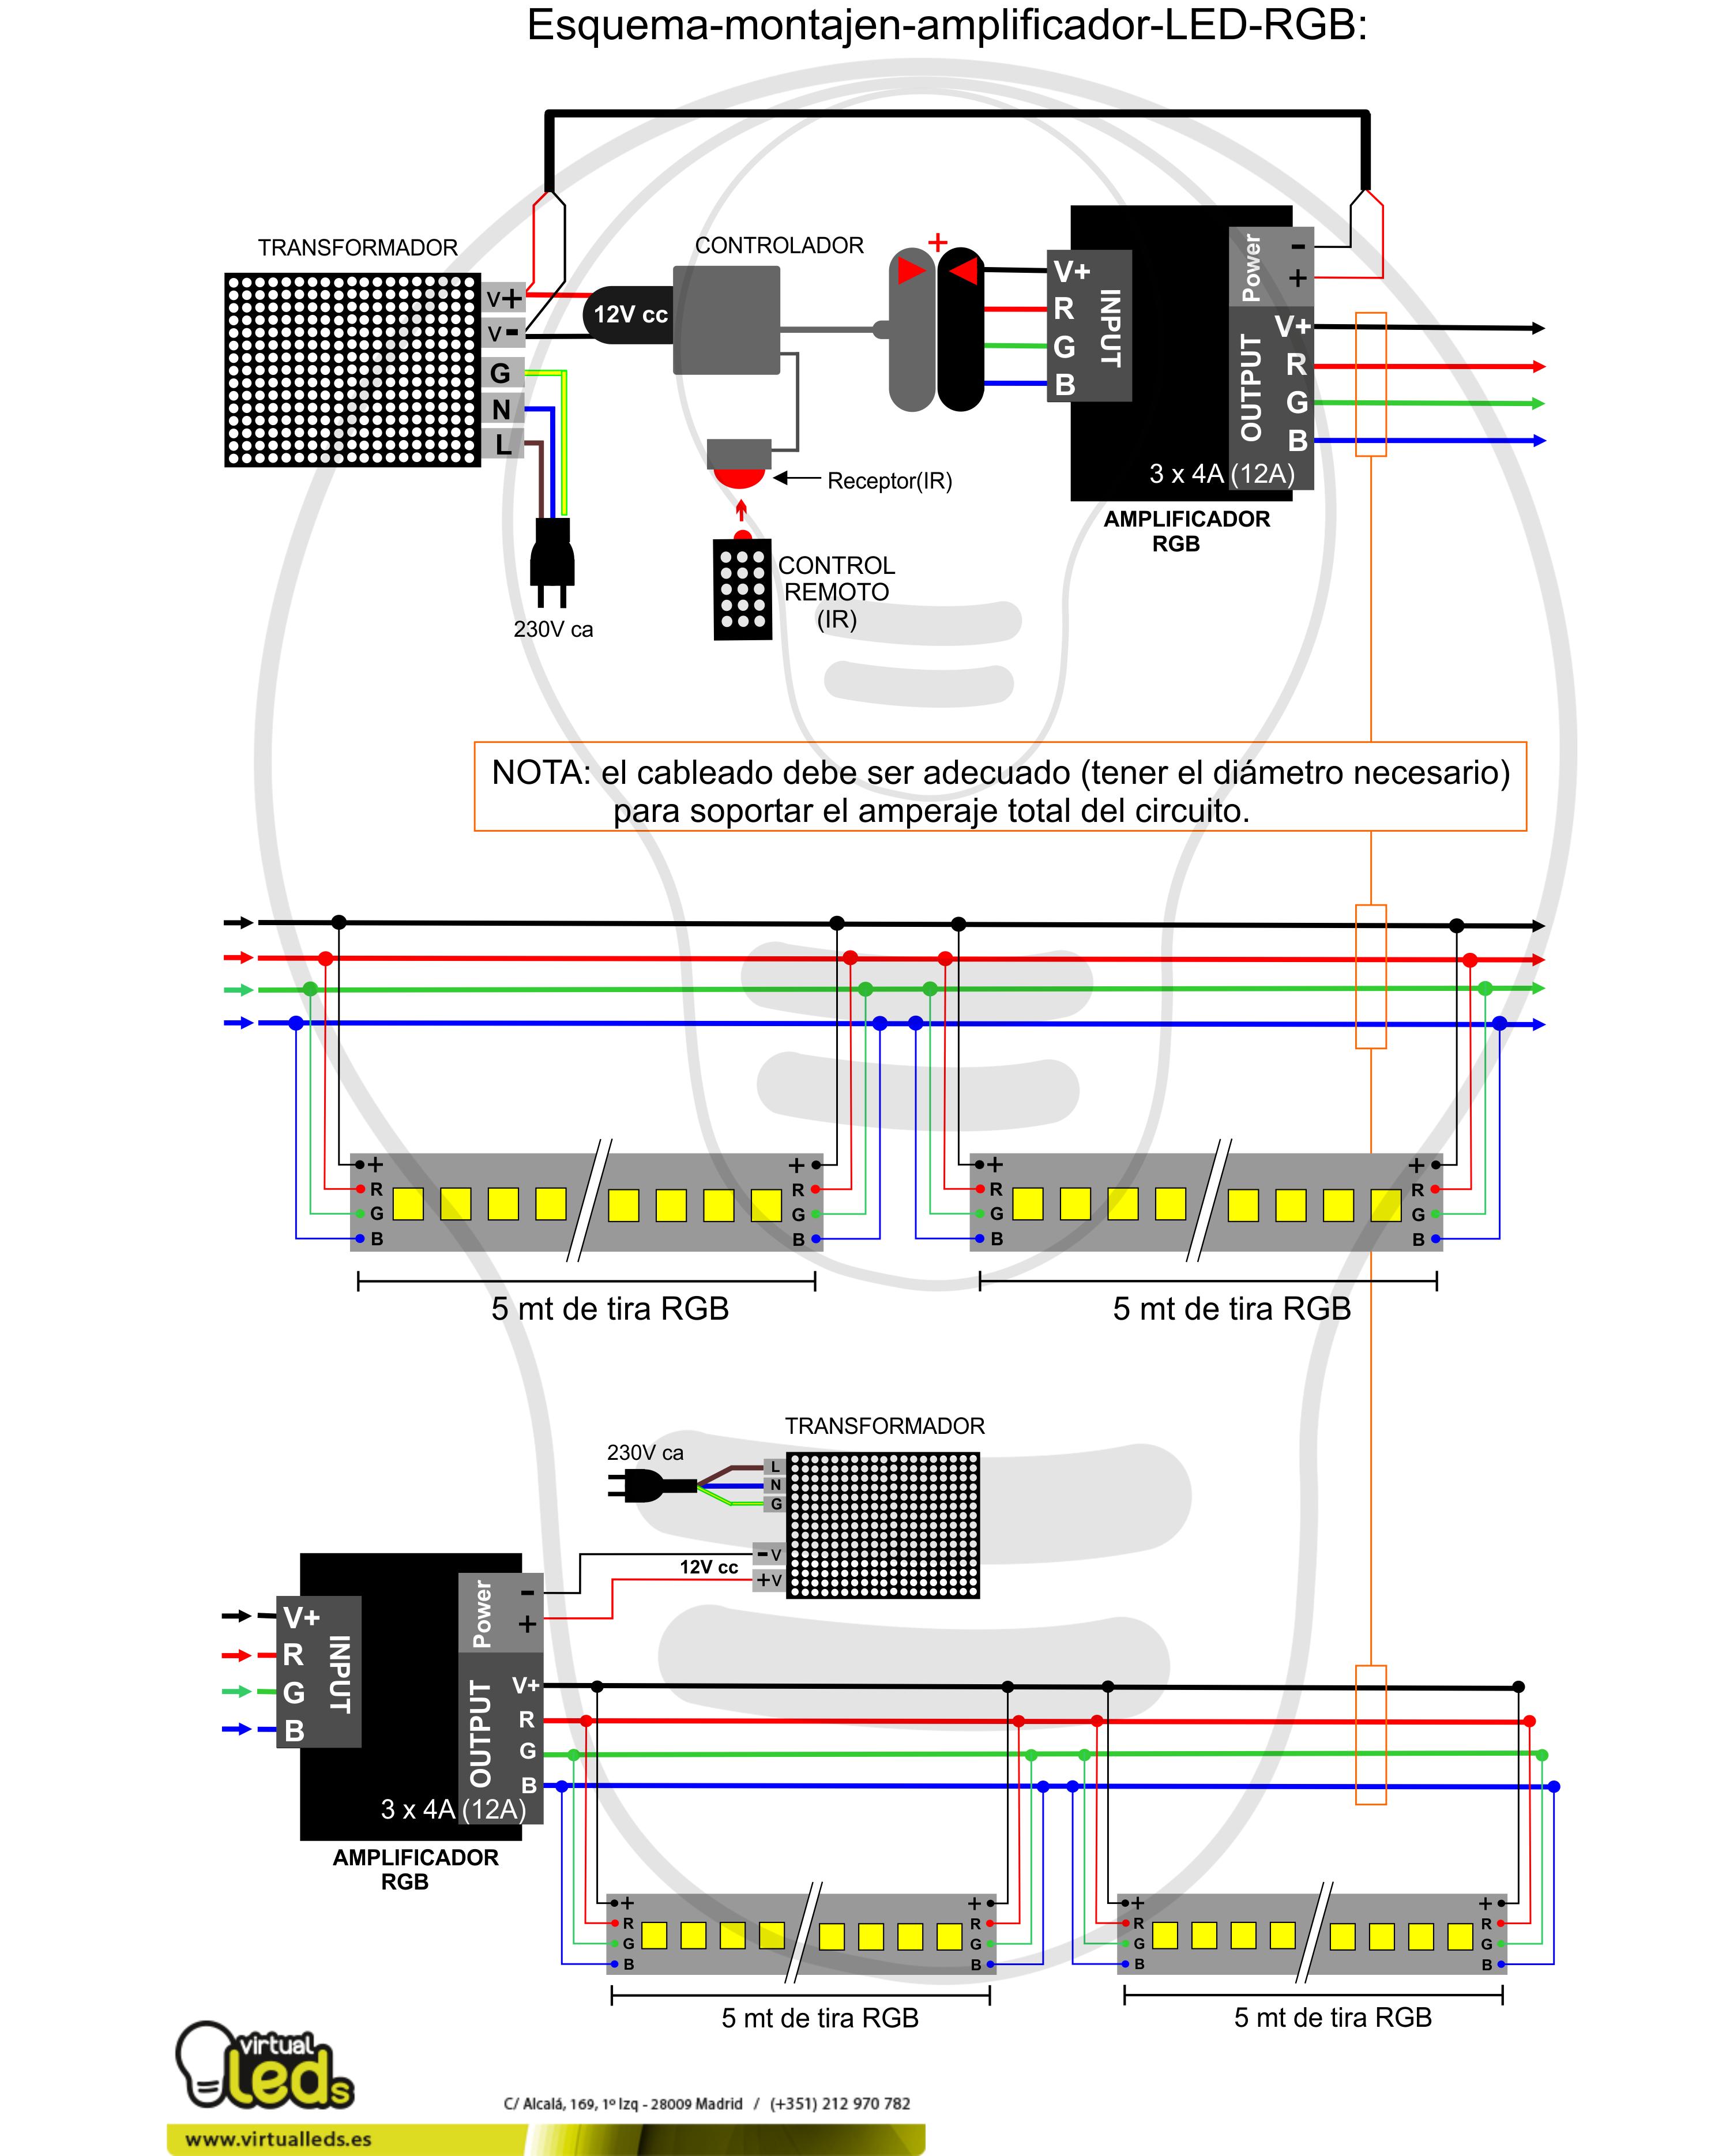 Esquema-montajen-amplificador-LED-RGB